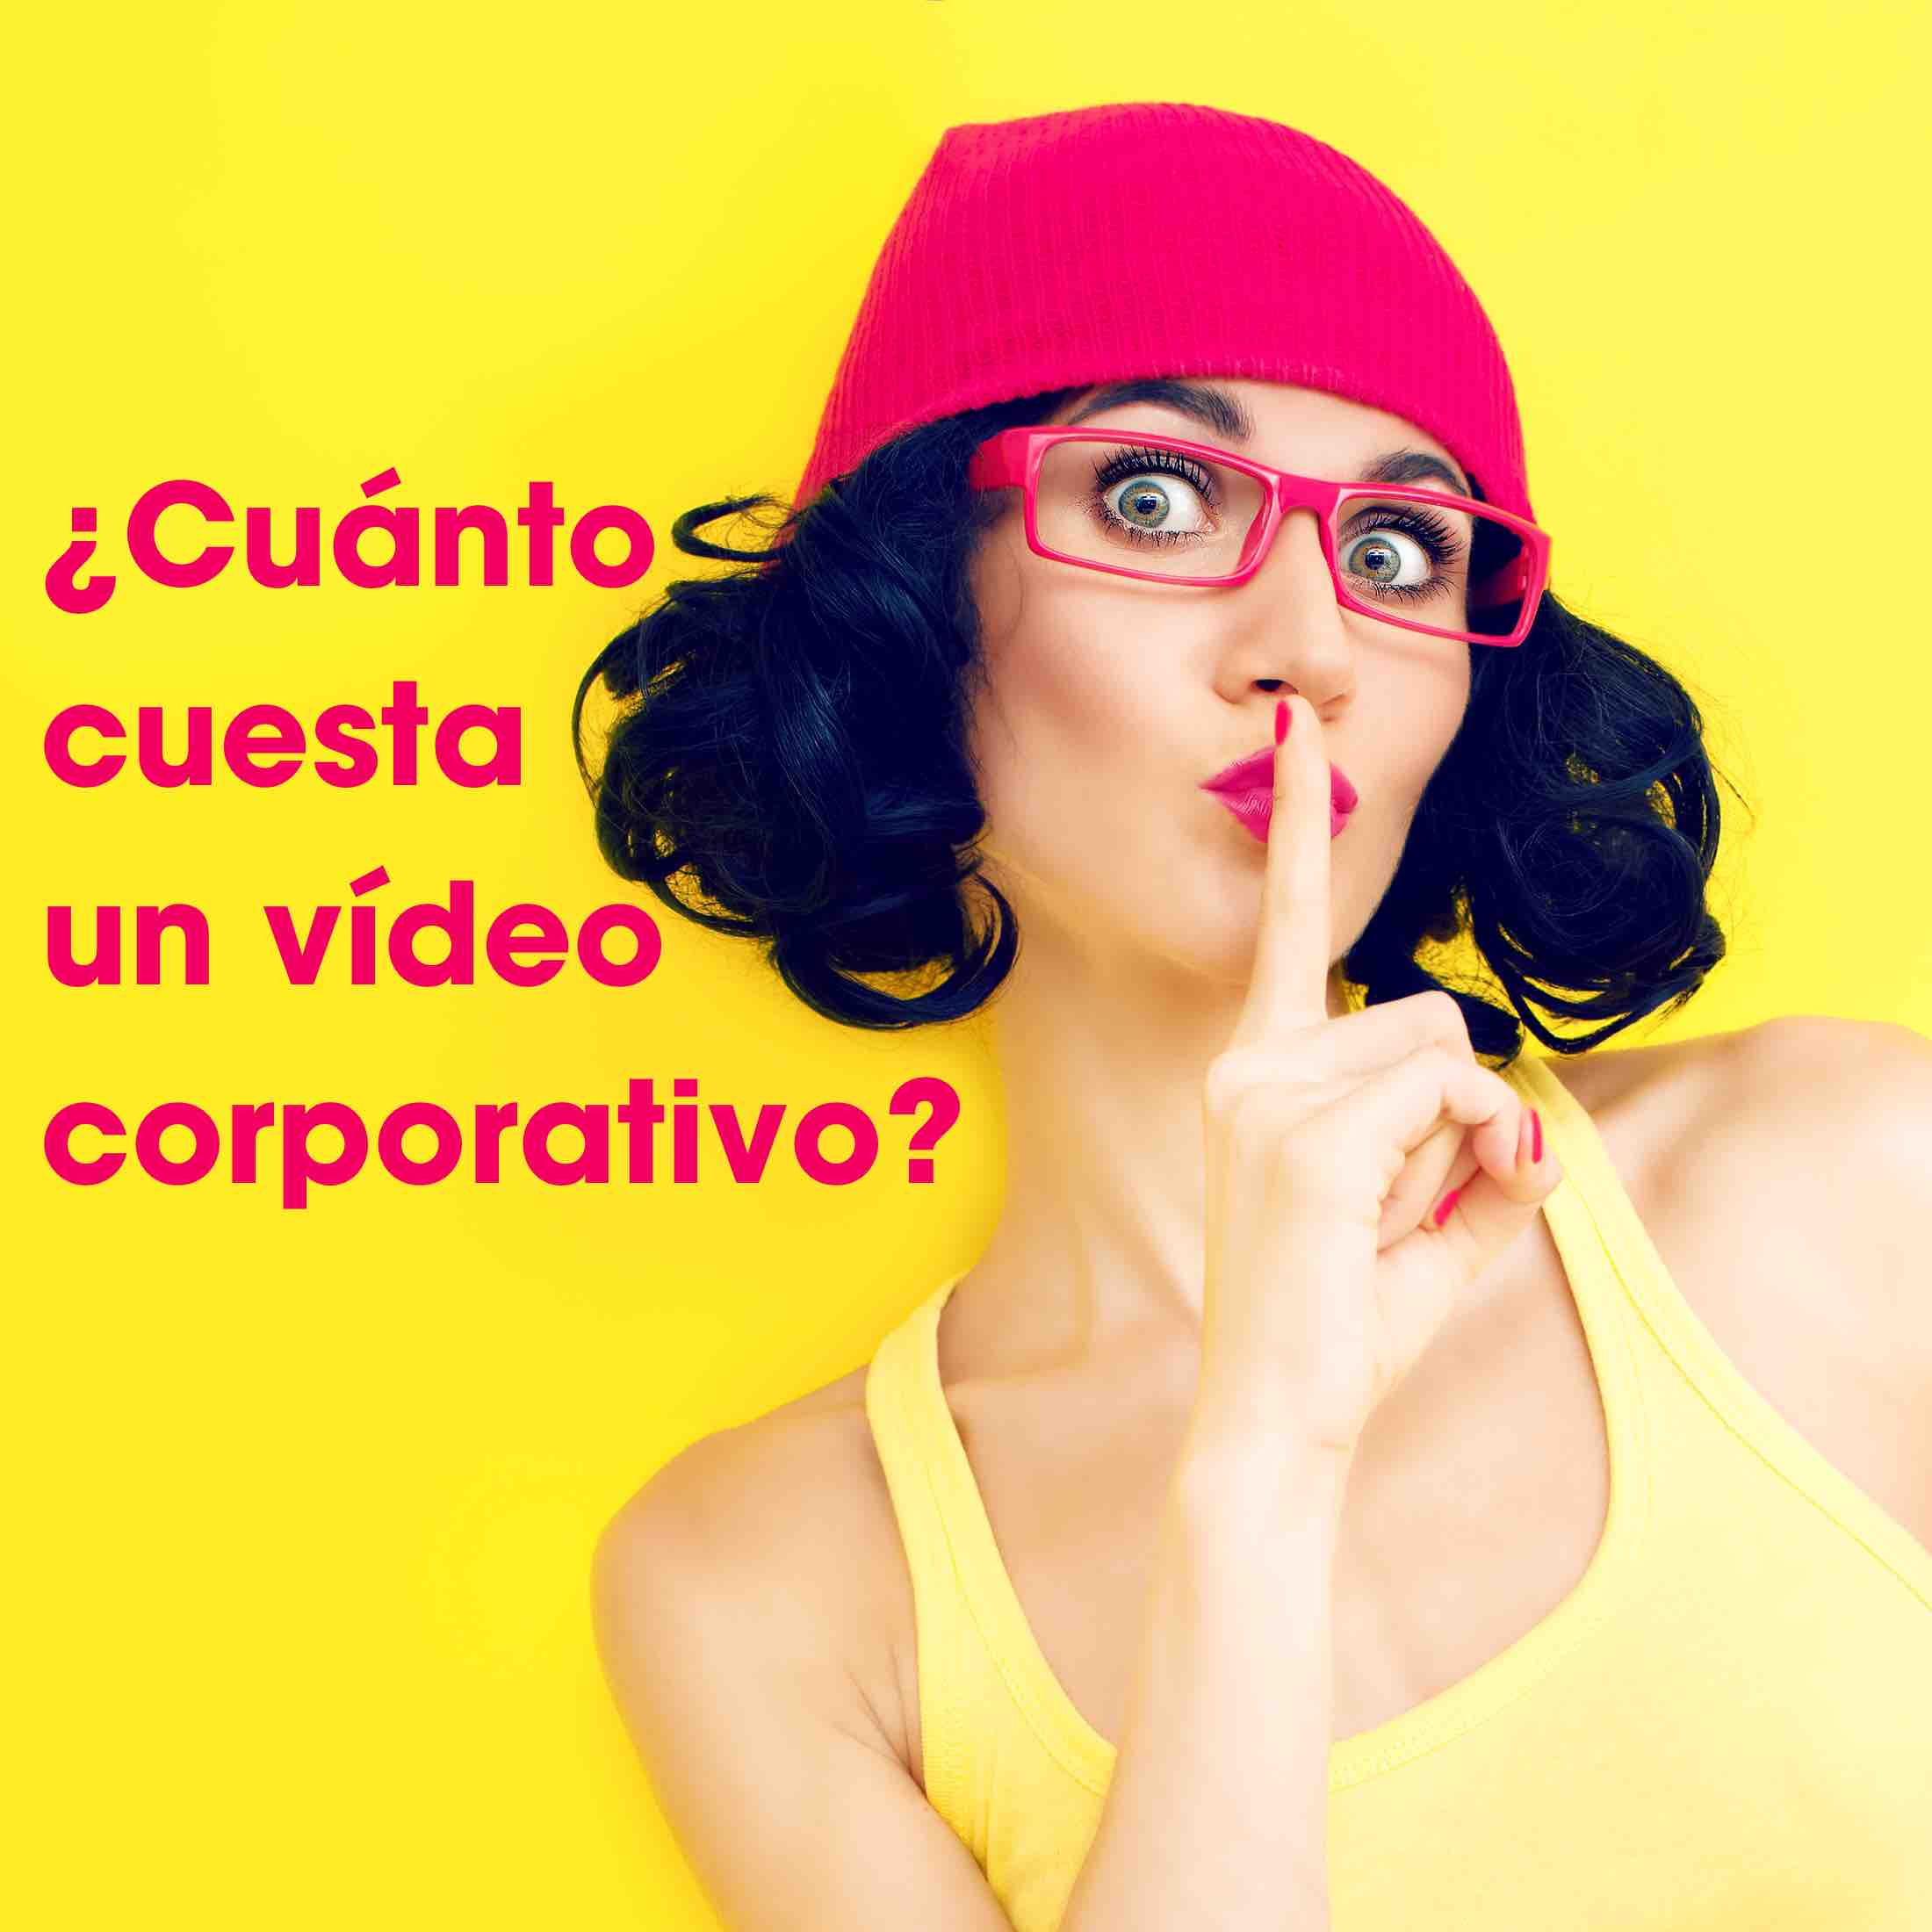 ¿Cuánto cuesta un vídeo corporativo?